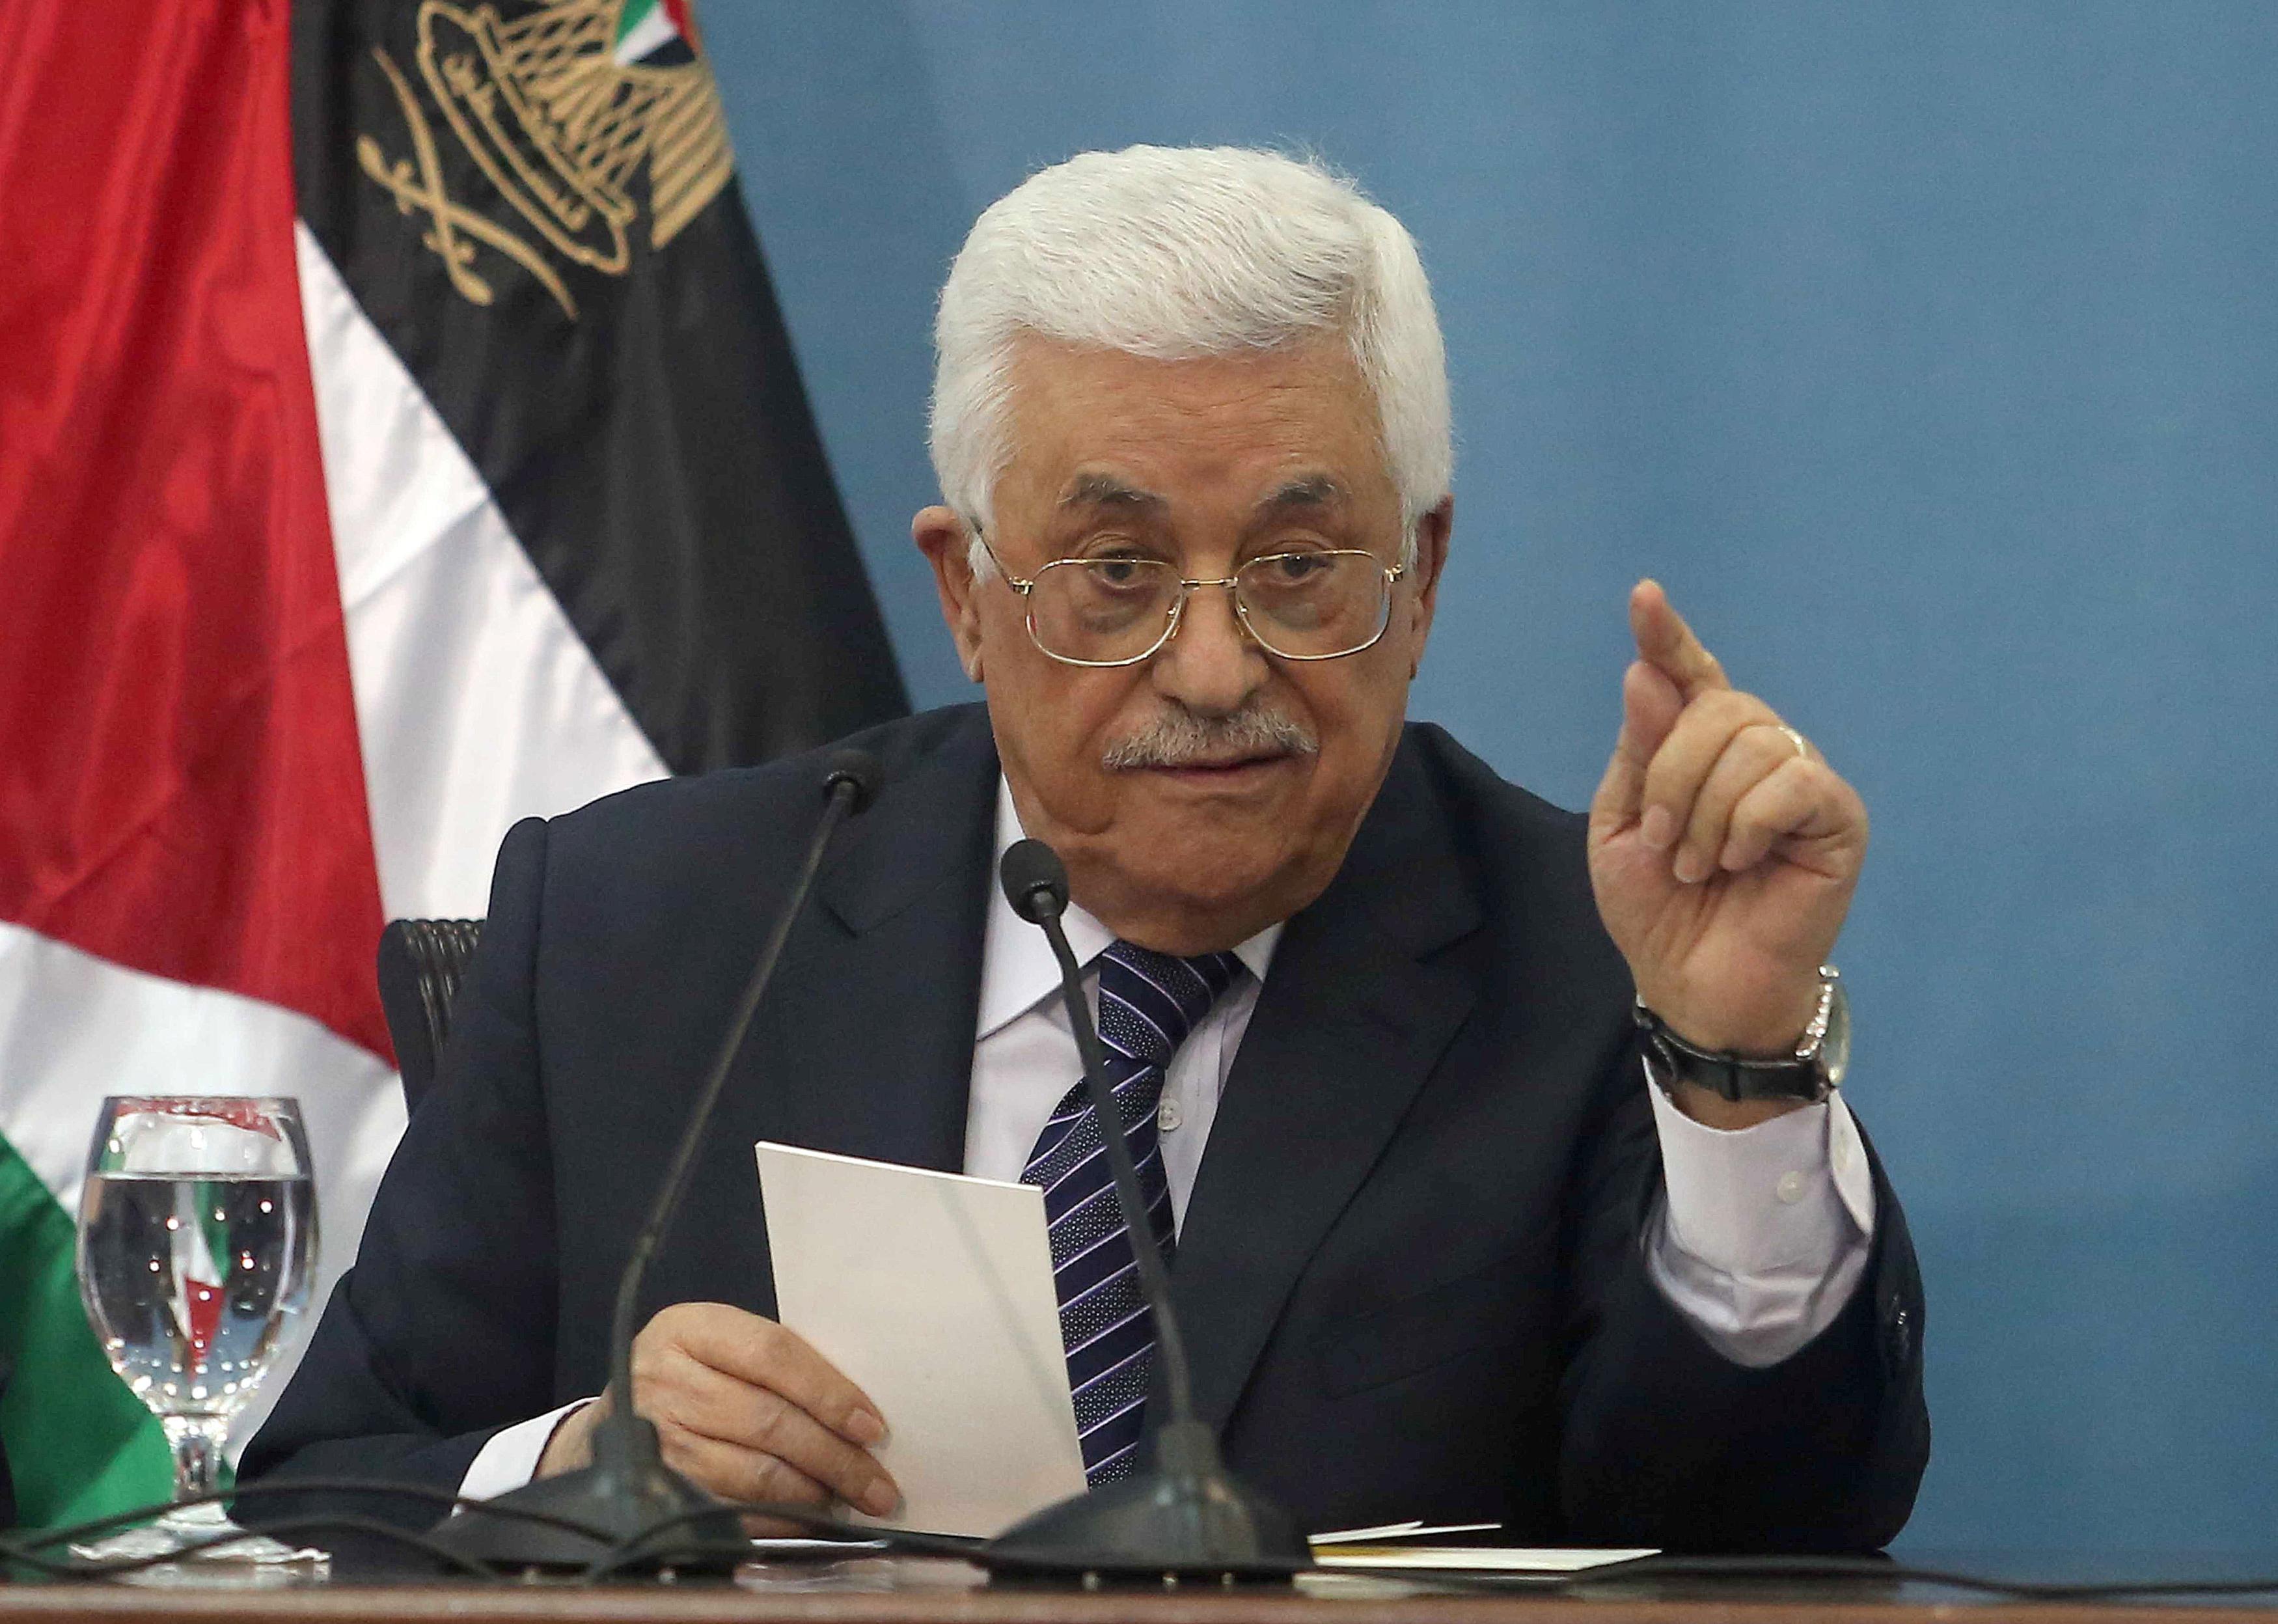 Organizaţia pentru Cooperare Islamică condamnă decizia lui Donald Trump privind Ierusalimul / Mahmud Abbas: Washingtonul a pierdut rolul de mediator